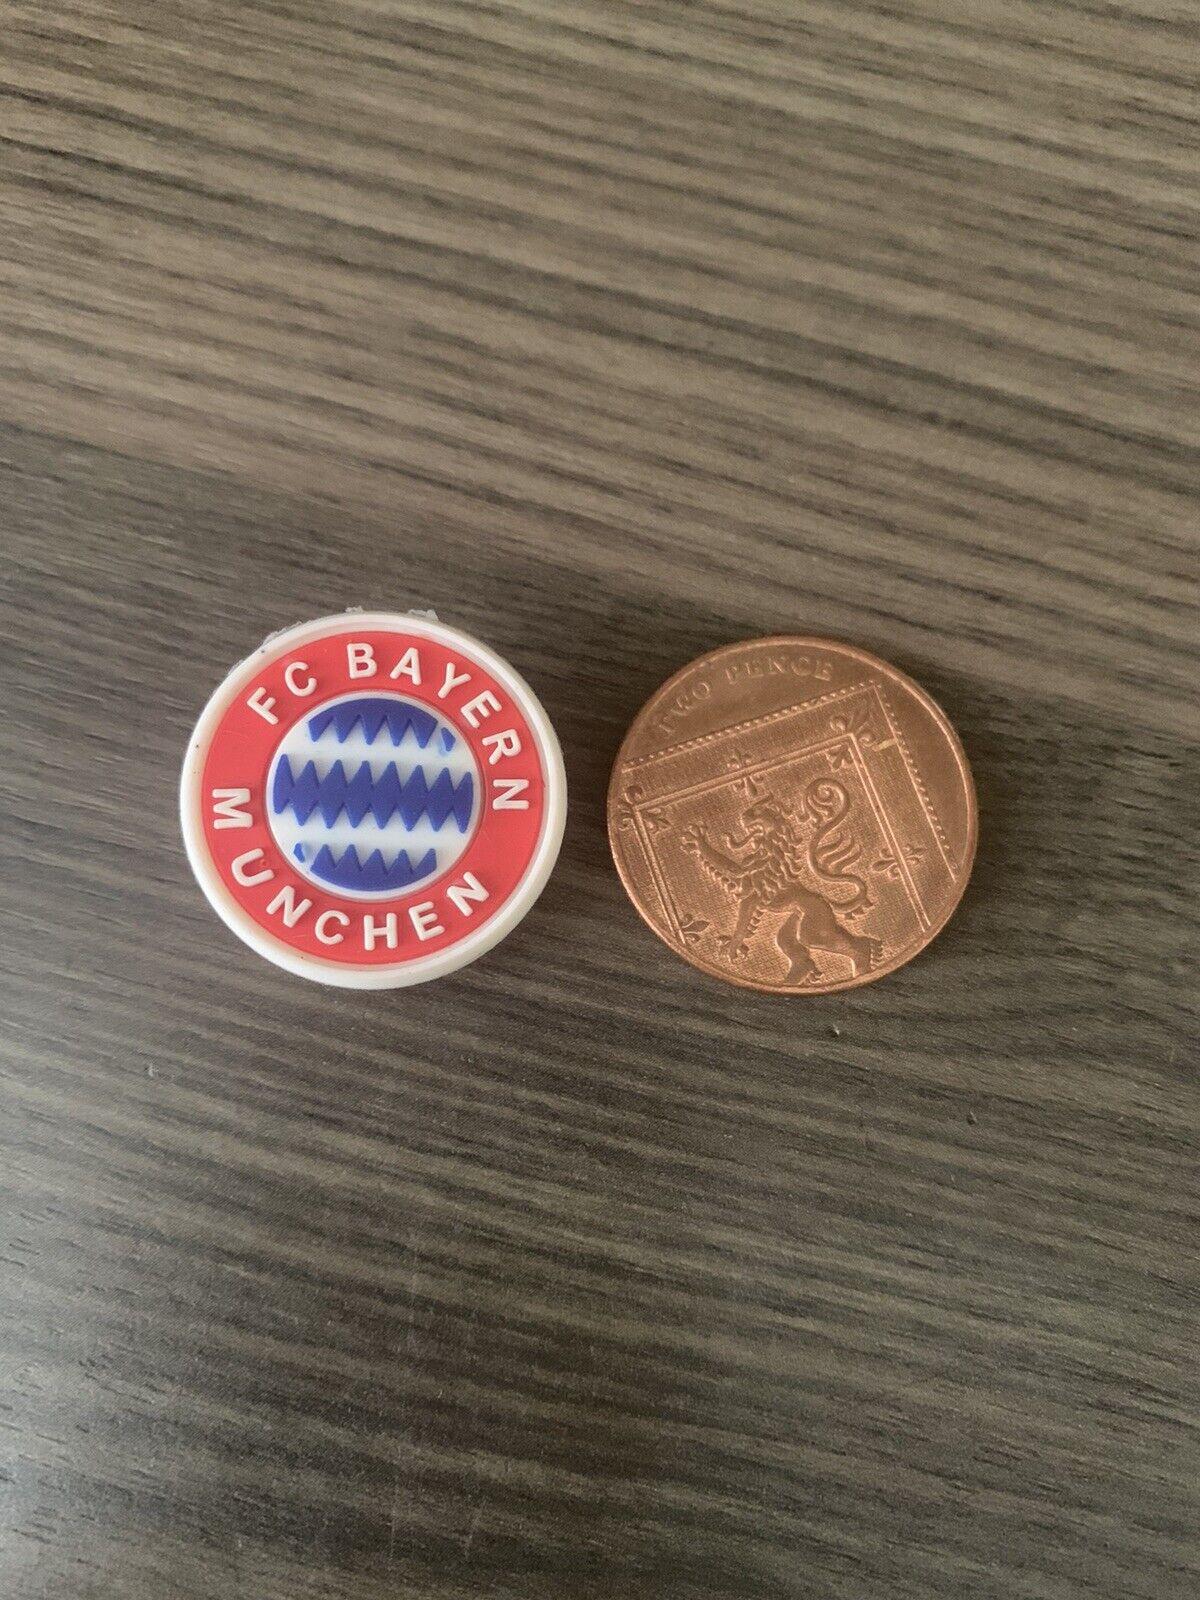 Croc Bayern Munchen Football Shoe Charm